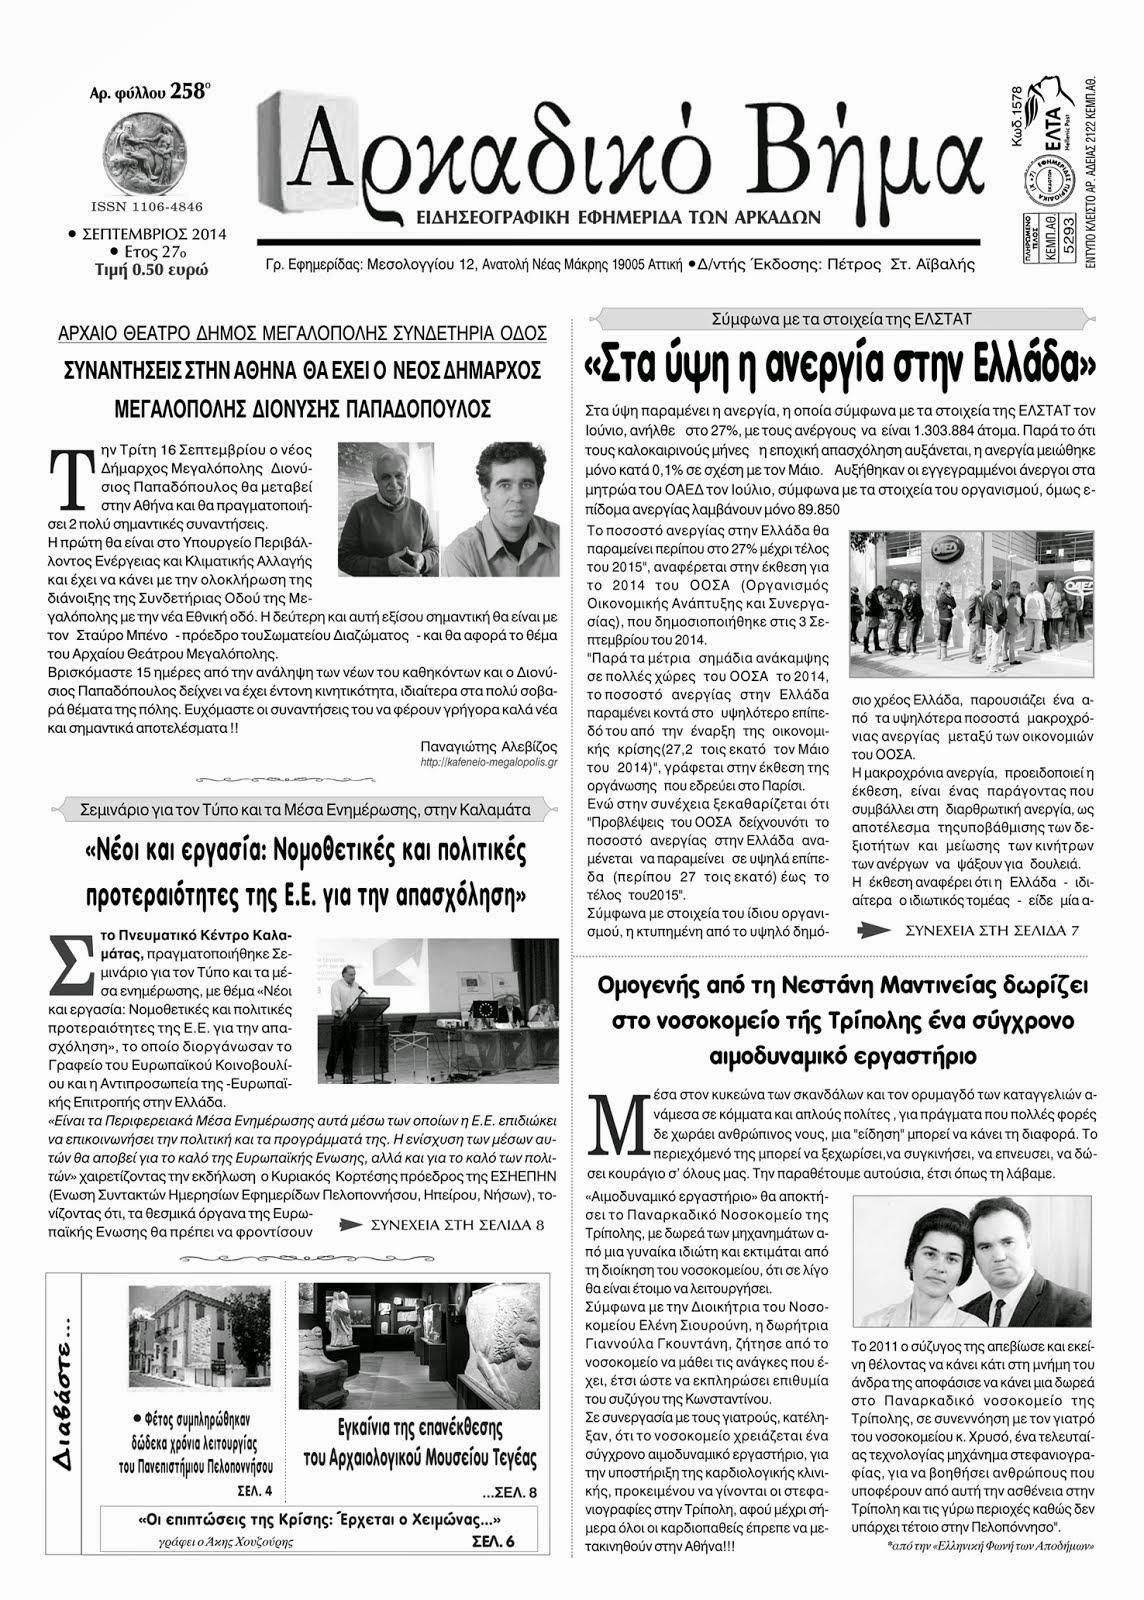 """""""Αρκαδικό Βήμα"""" - Κυκλοφόρησε το νέο φύλλο της εφημερίδας"""